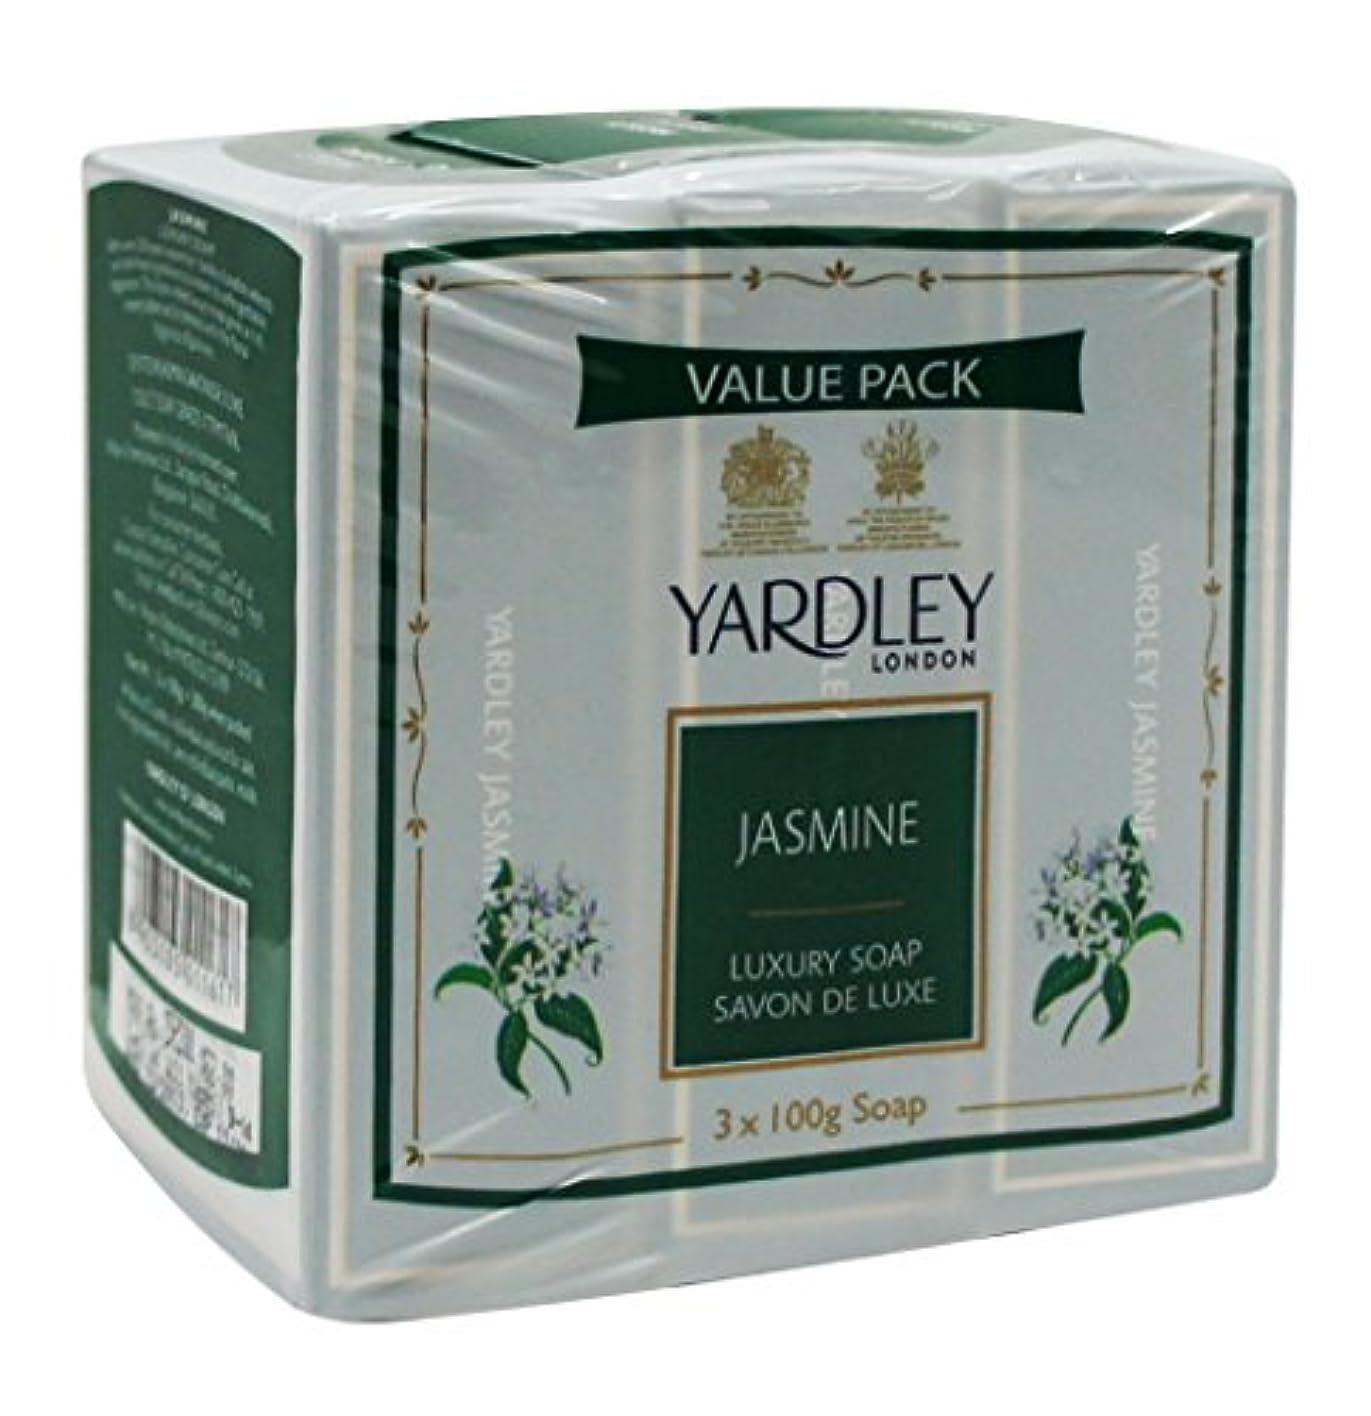 多様なおばあさん発生するYardley London Value Pack Luxury Soap 3x100g Jasmine by Yardley